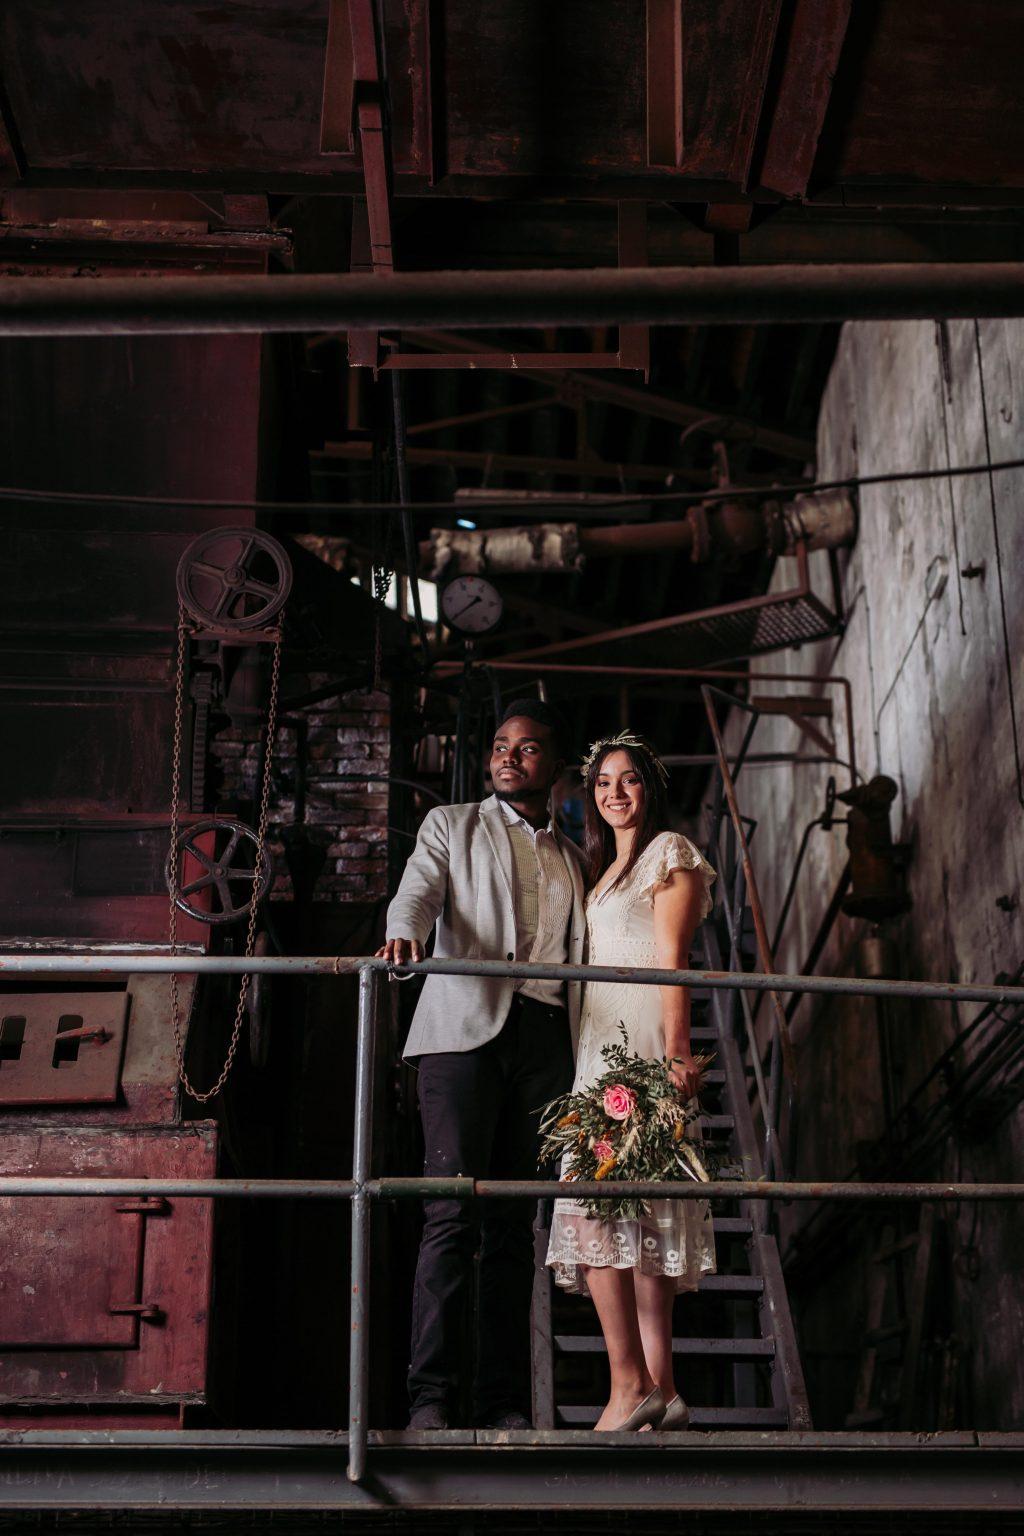 Inspiración para boda industrial editorial 7 - Inspiración para una Boda Industrial y Boho